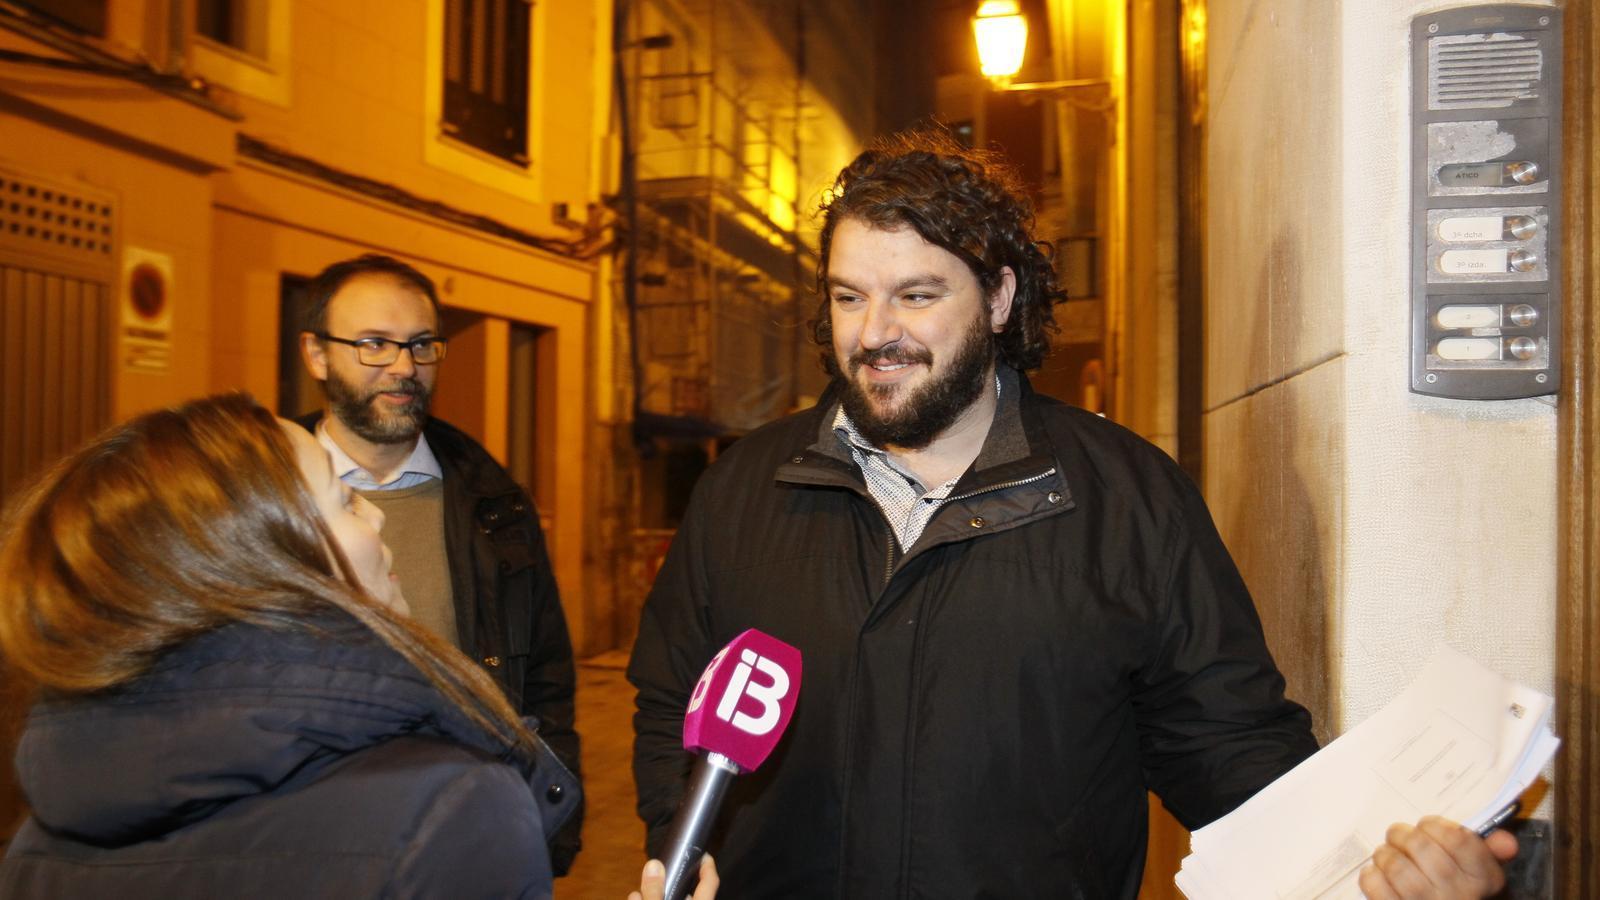 Lluís Apesteguia i Miquel Gallardo, en arribar a la reunió.